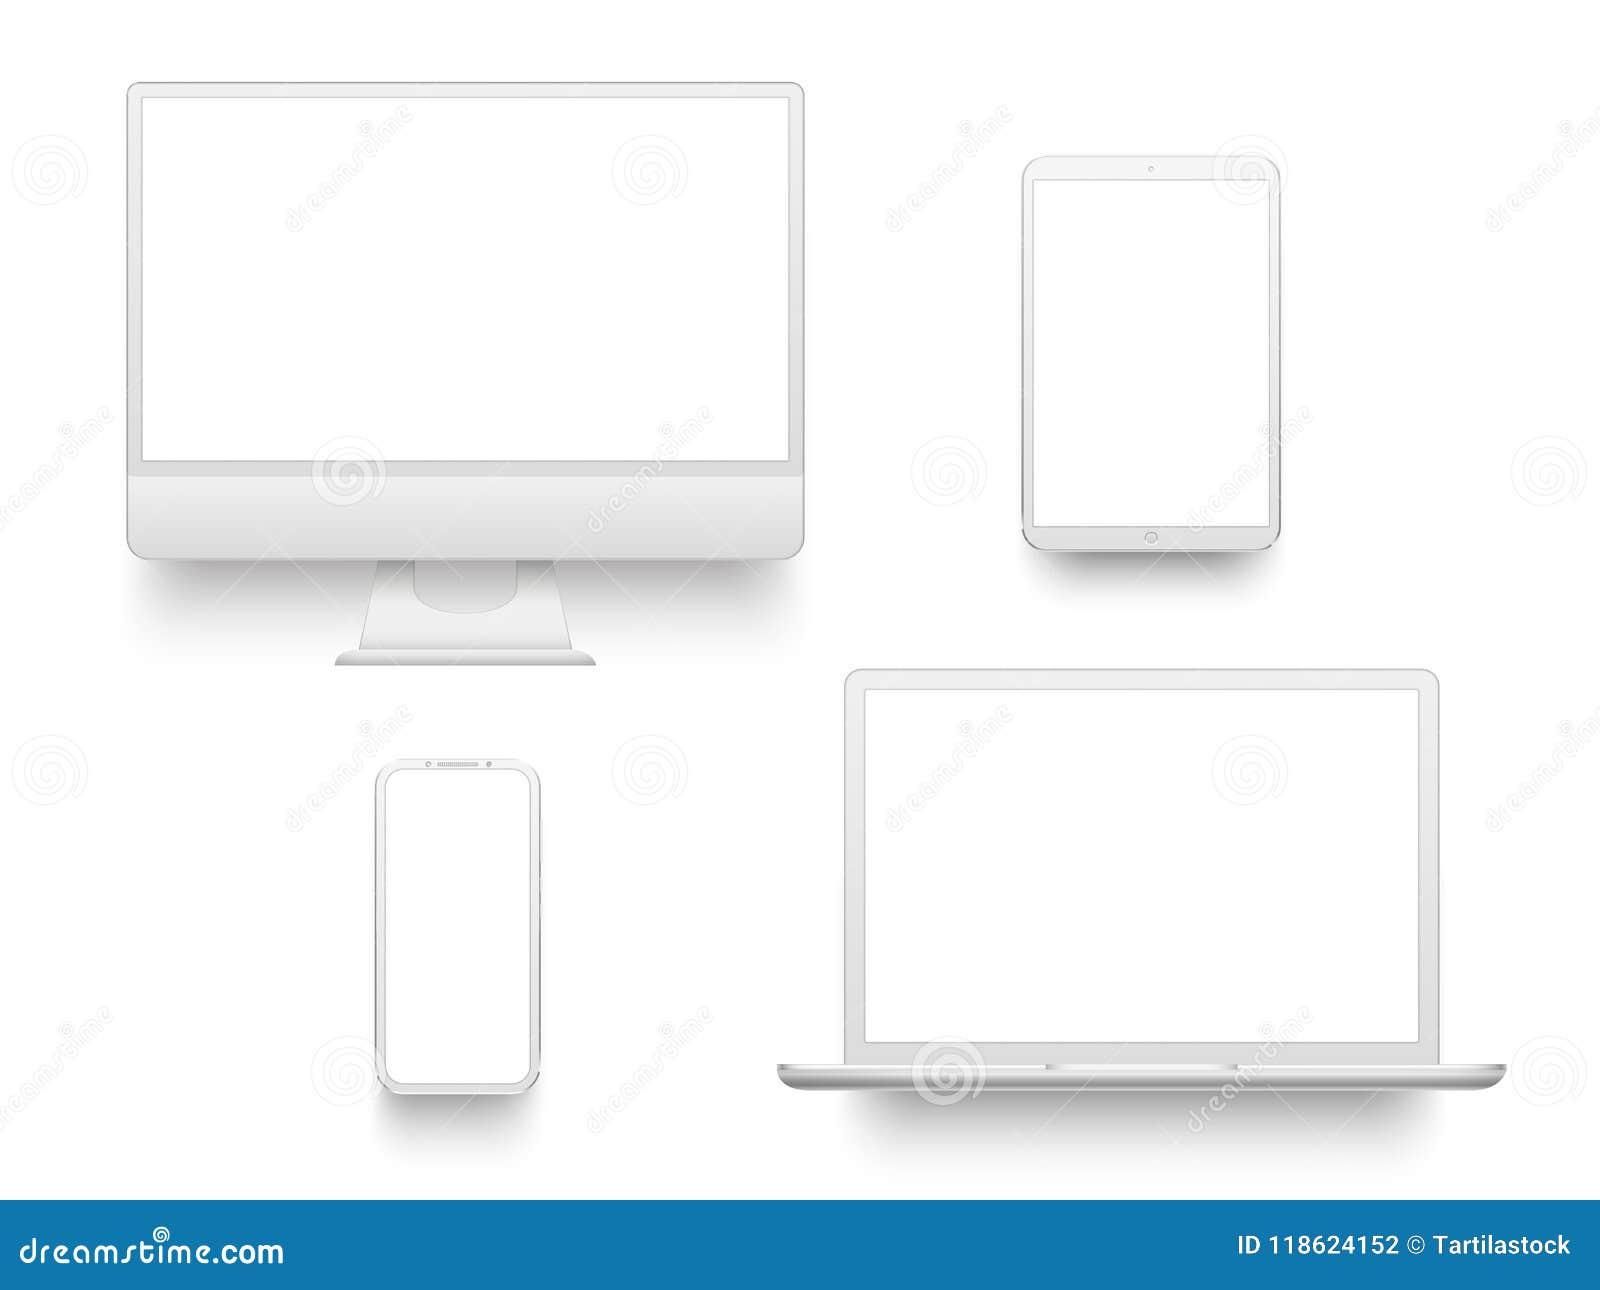 Cuaderno portátil u ordenador portátil de equipo de escritorio de visualización de la pantalla de la tableta blanca del smartphon